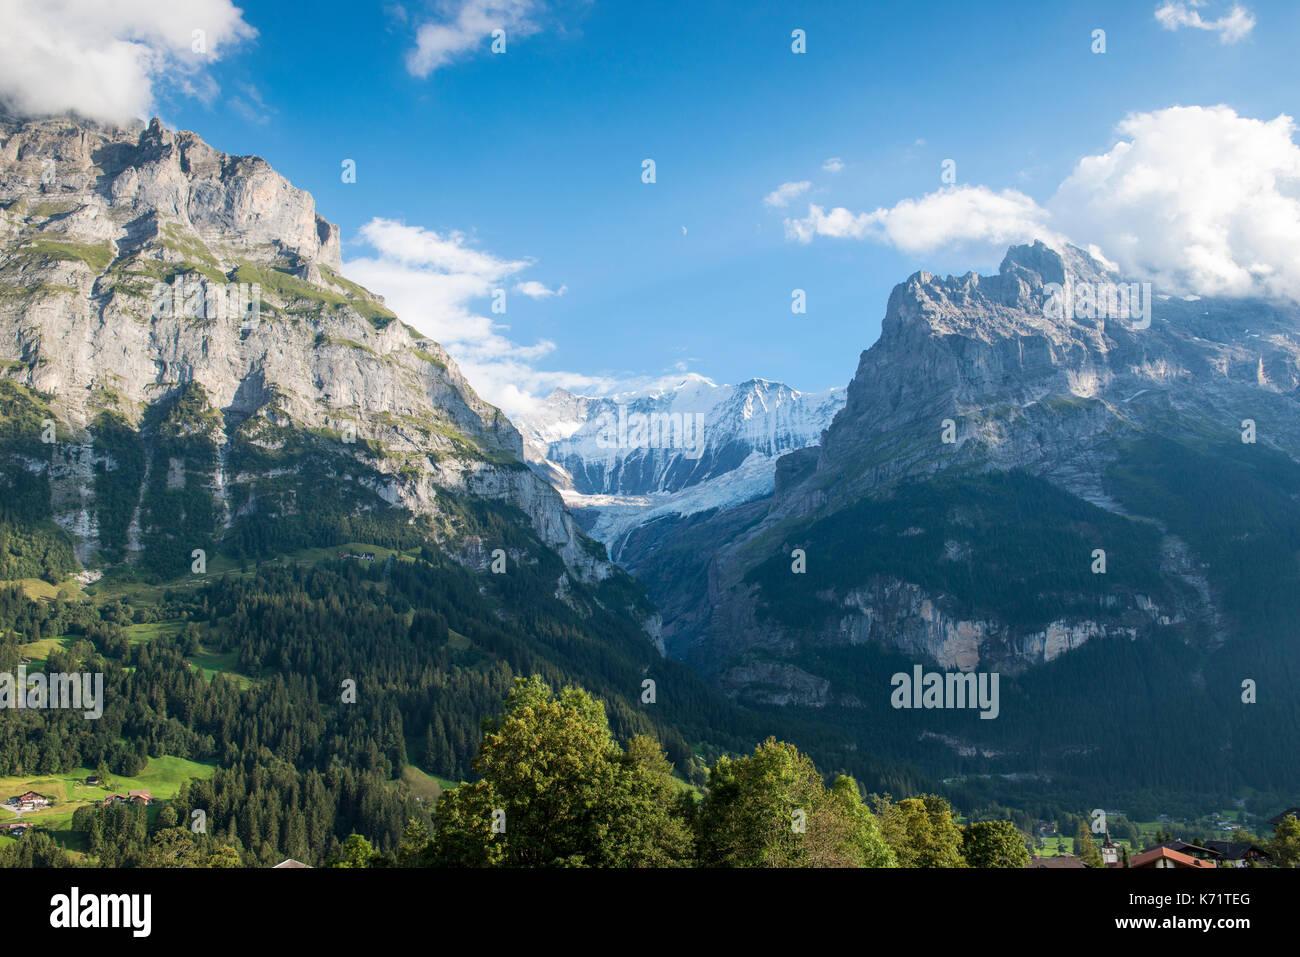 Vista nella valle di untere grindelwald gletscher (glacier), Grindelwald, Svizzera Immagini Stock